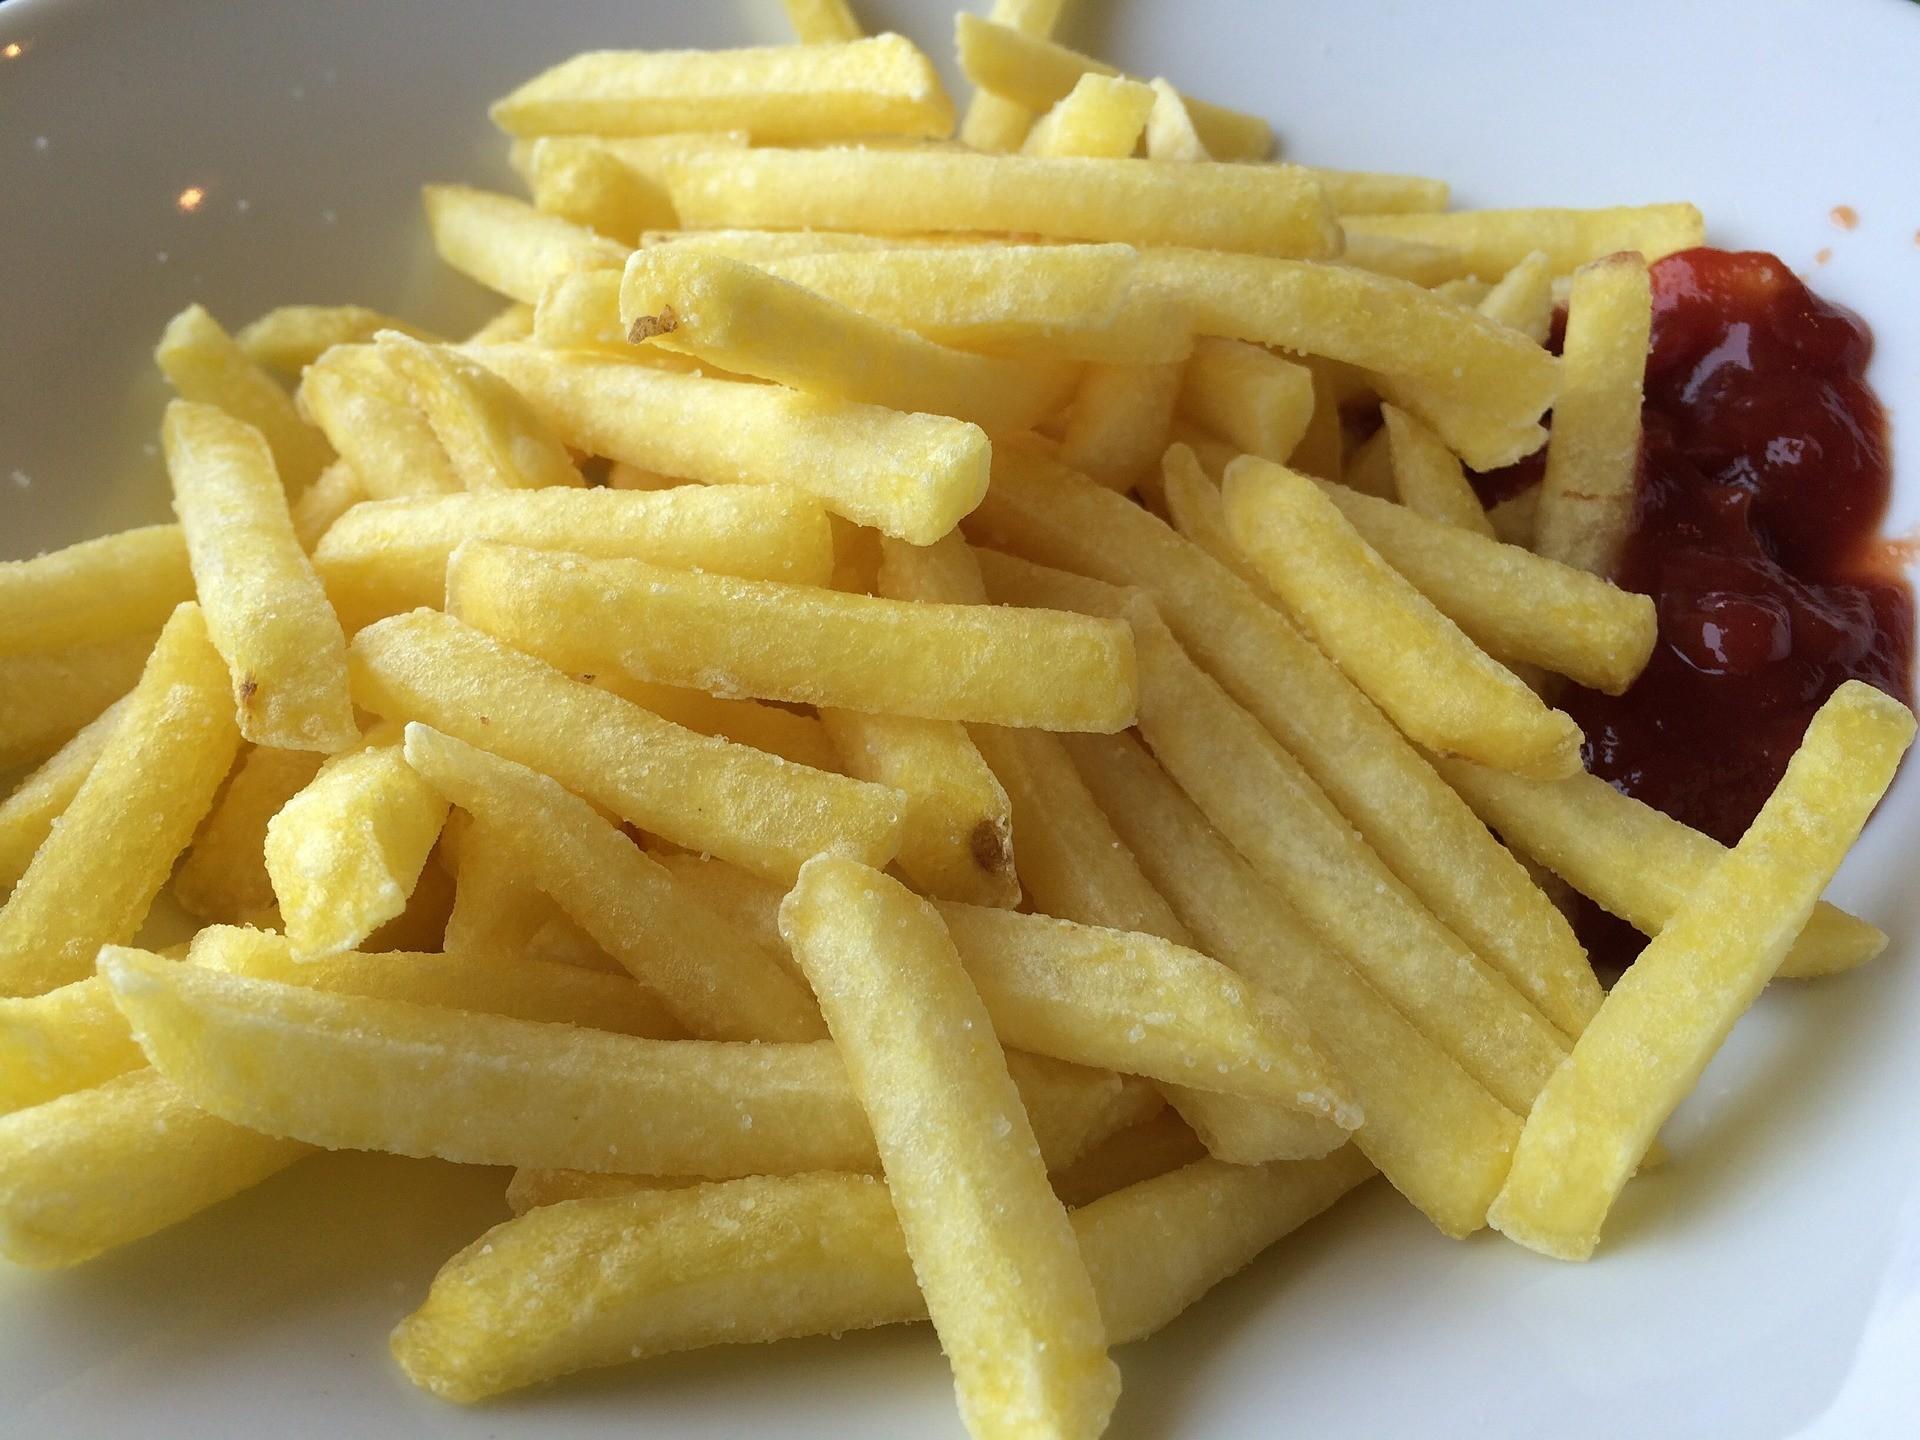 1 порция картофеля фри (65 г).